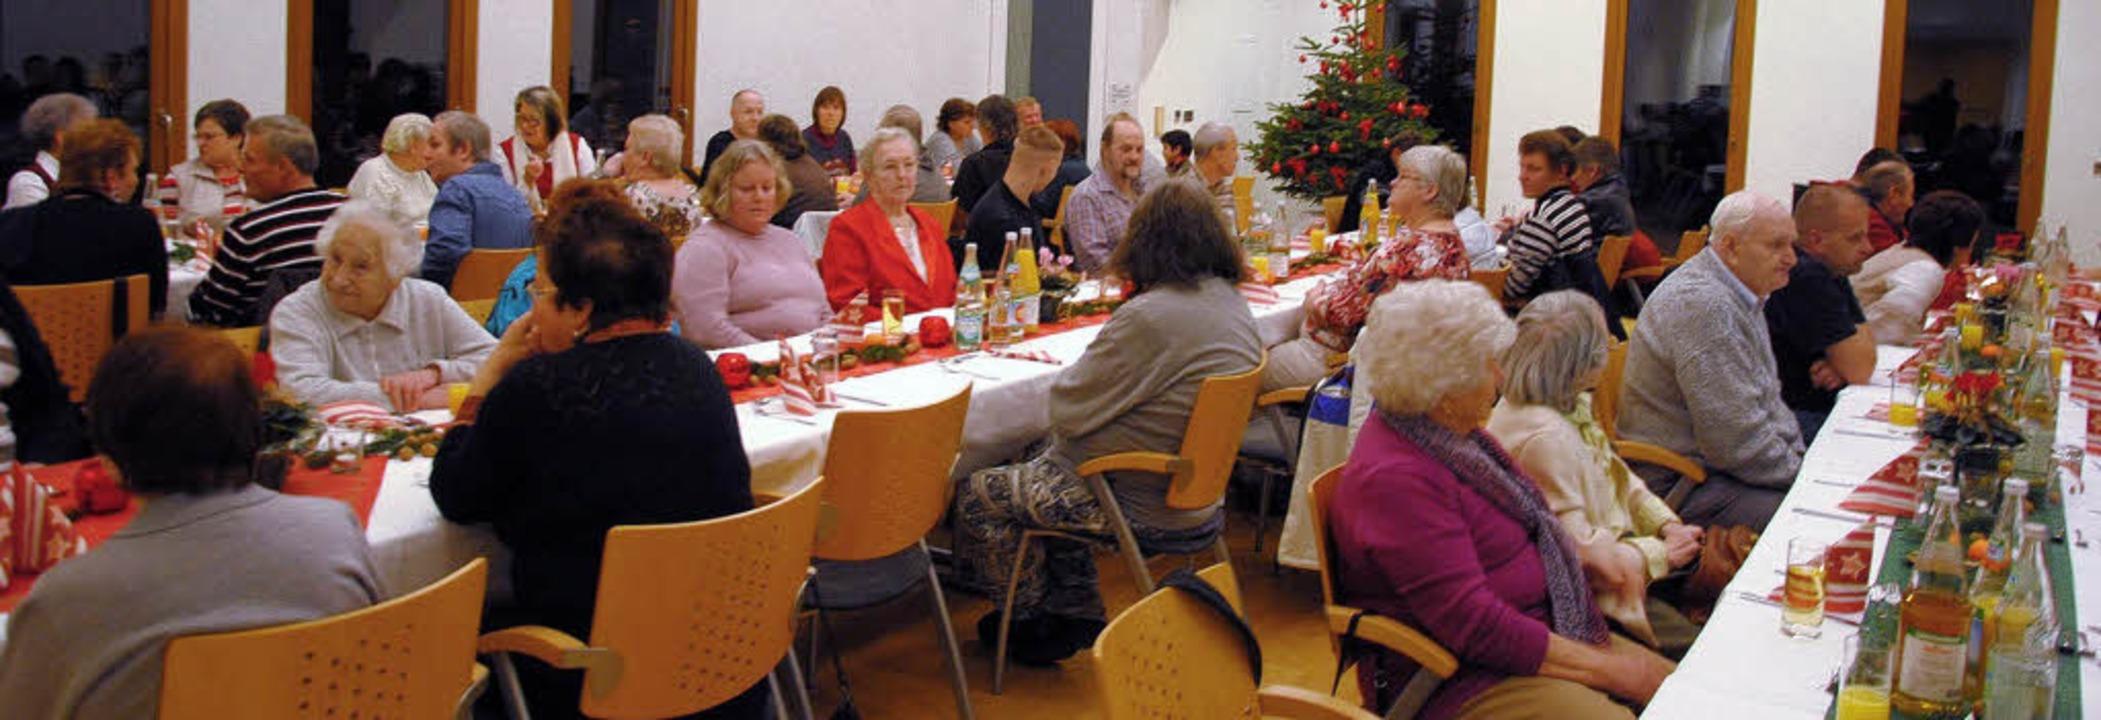 Bei der Weihnachtsfeier der Caritas im...r Atmosphäre miteinander ins Gespräch.  | Foto: Ralph Fautz